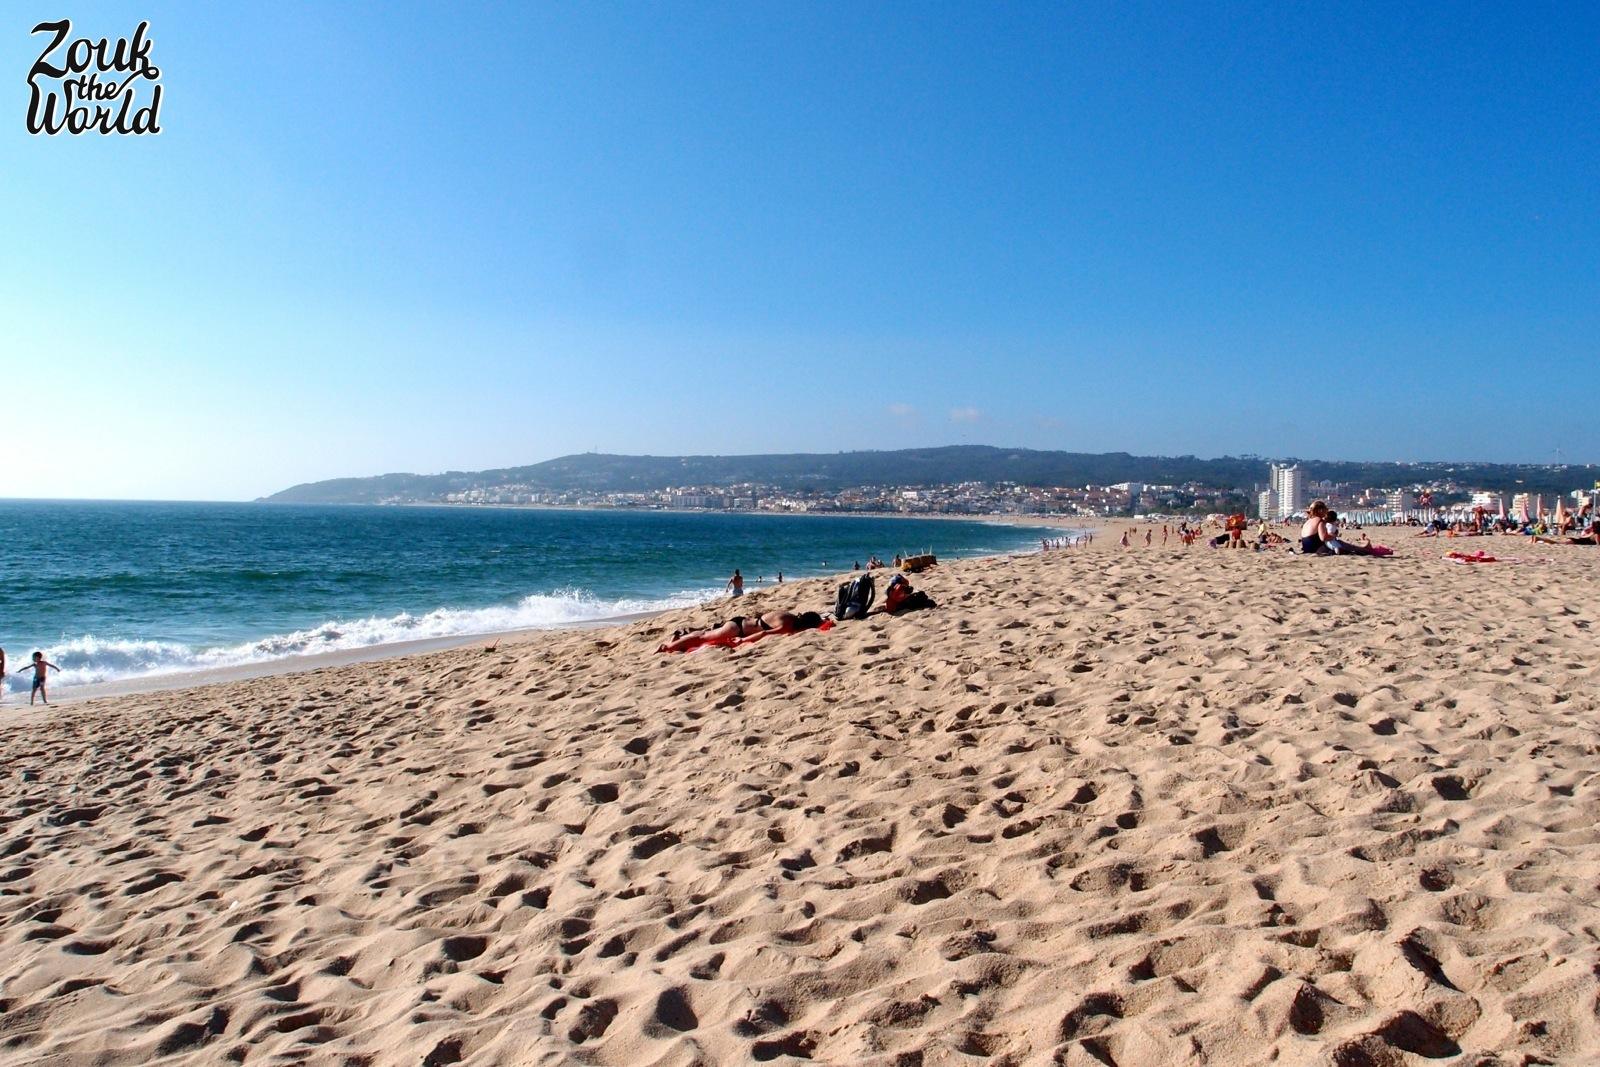 The endless beach at Figueira da Foz